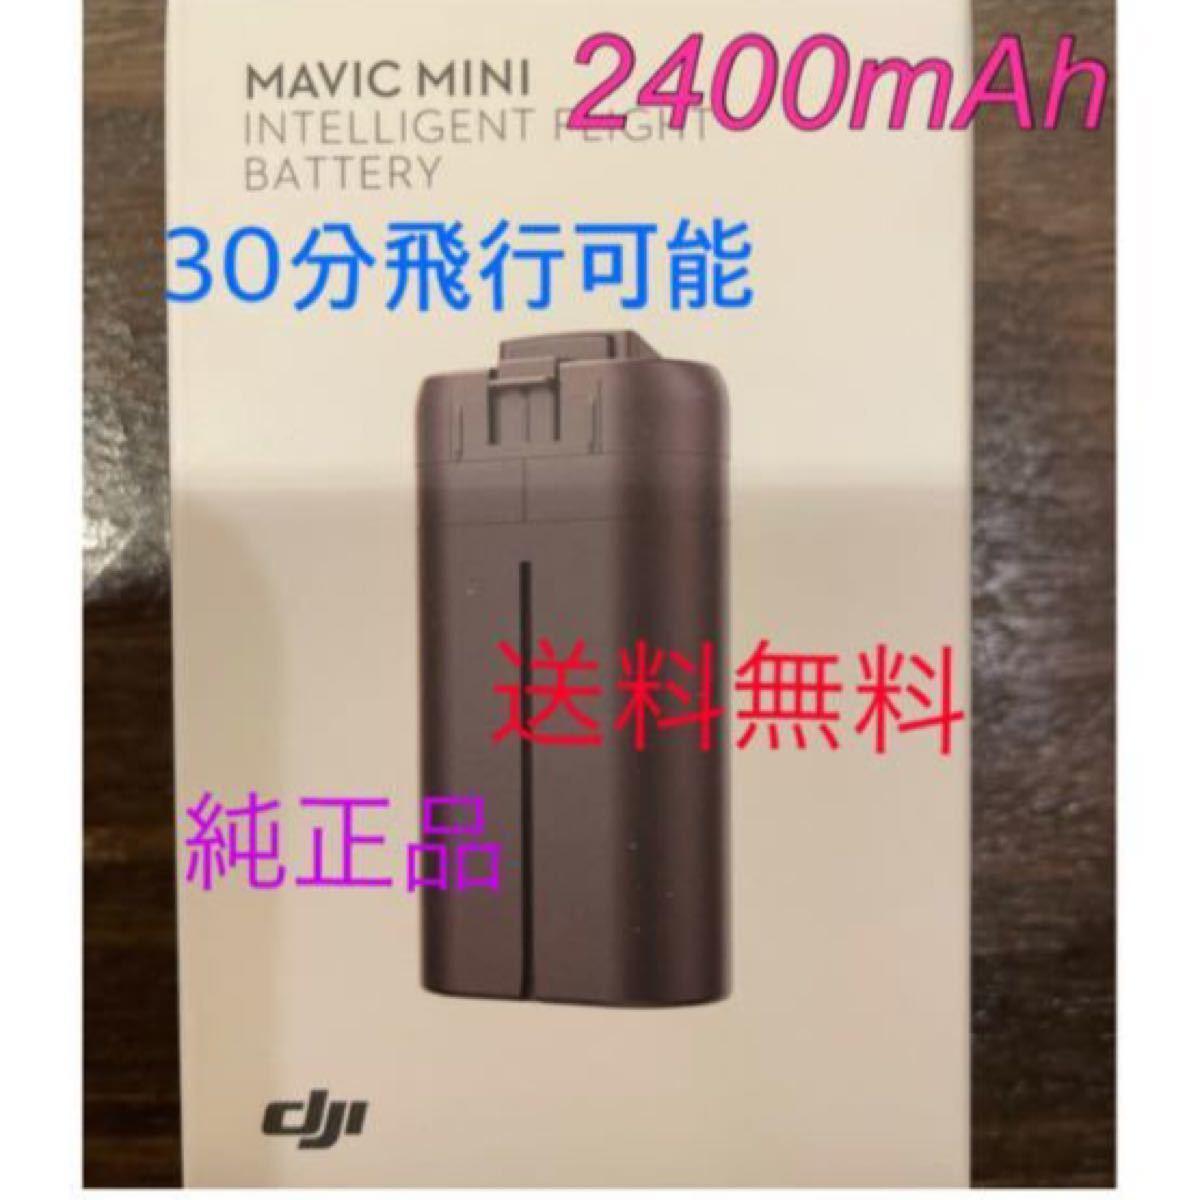 Mavic mini 、DJI mini 2400mAh 海外バッテリー